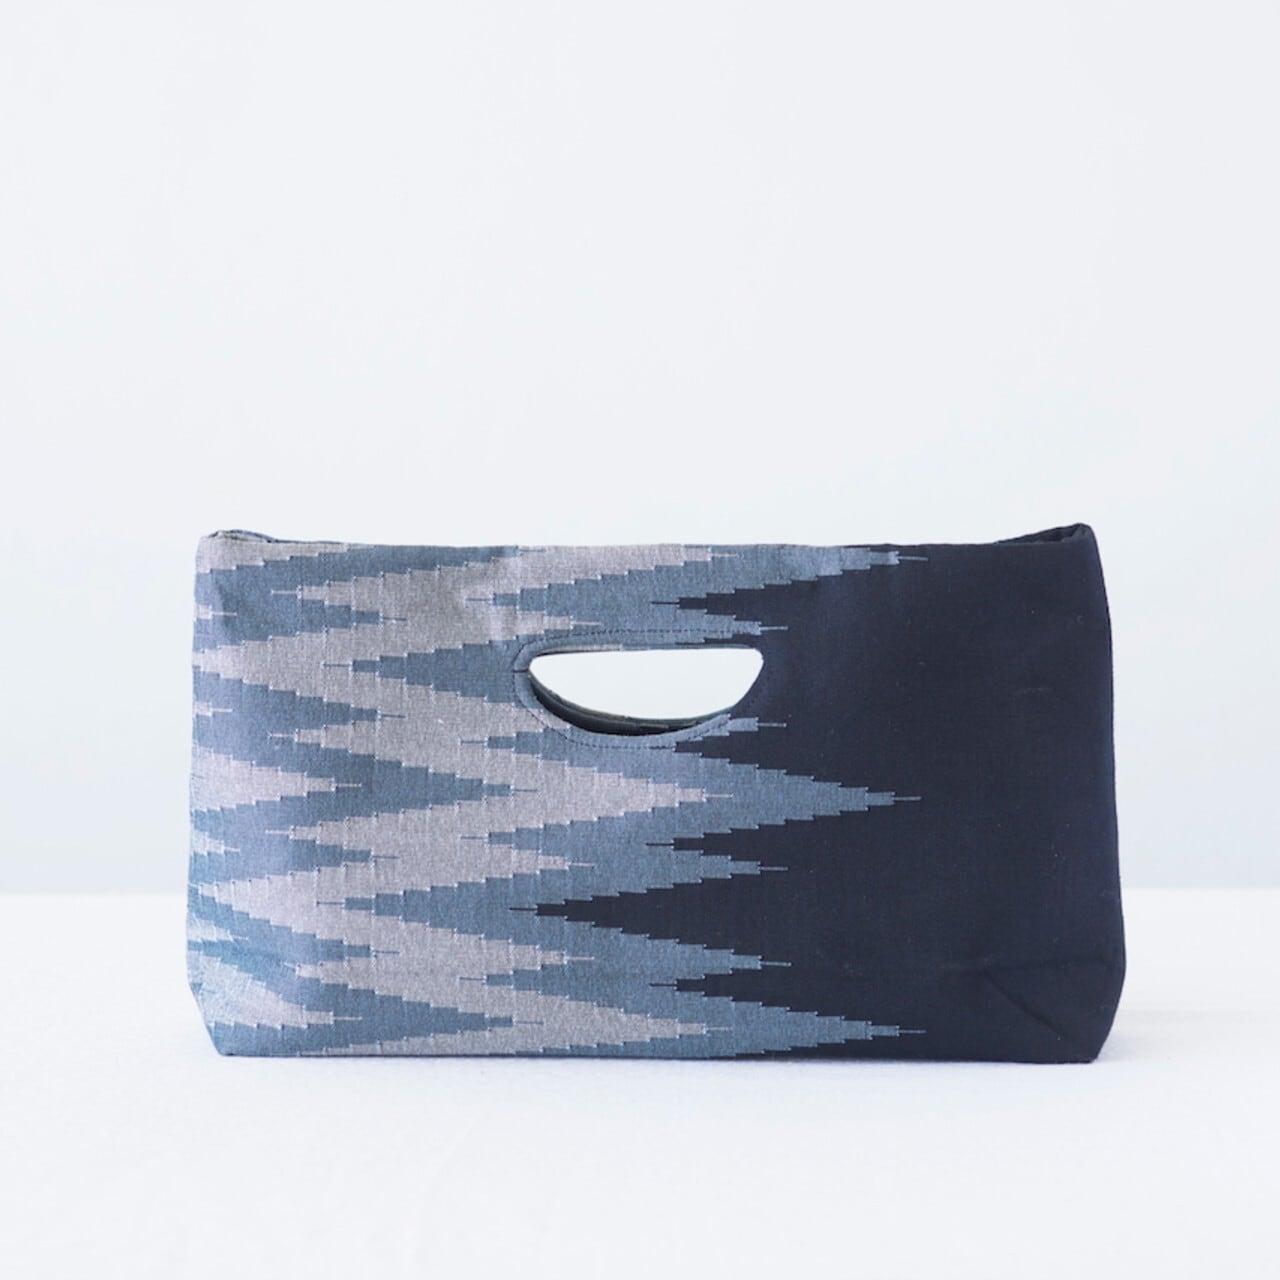 手織りペンシルバッグ ブラック×グレー